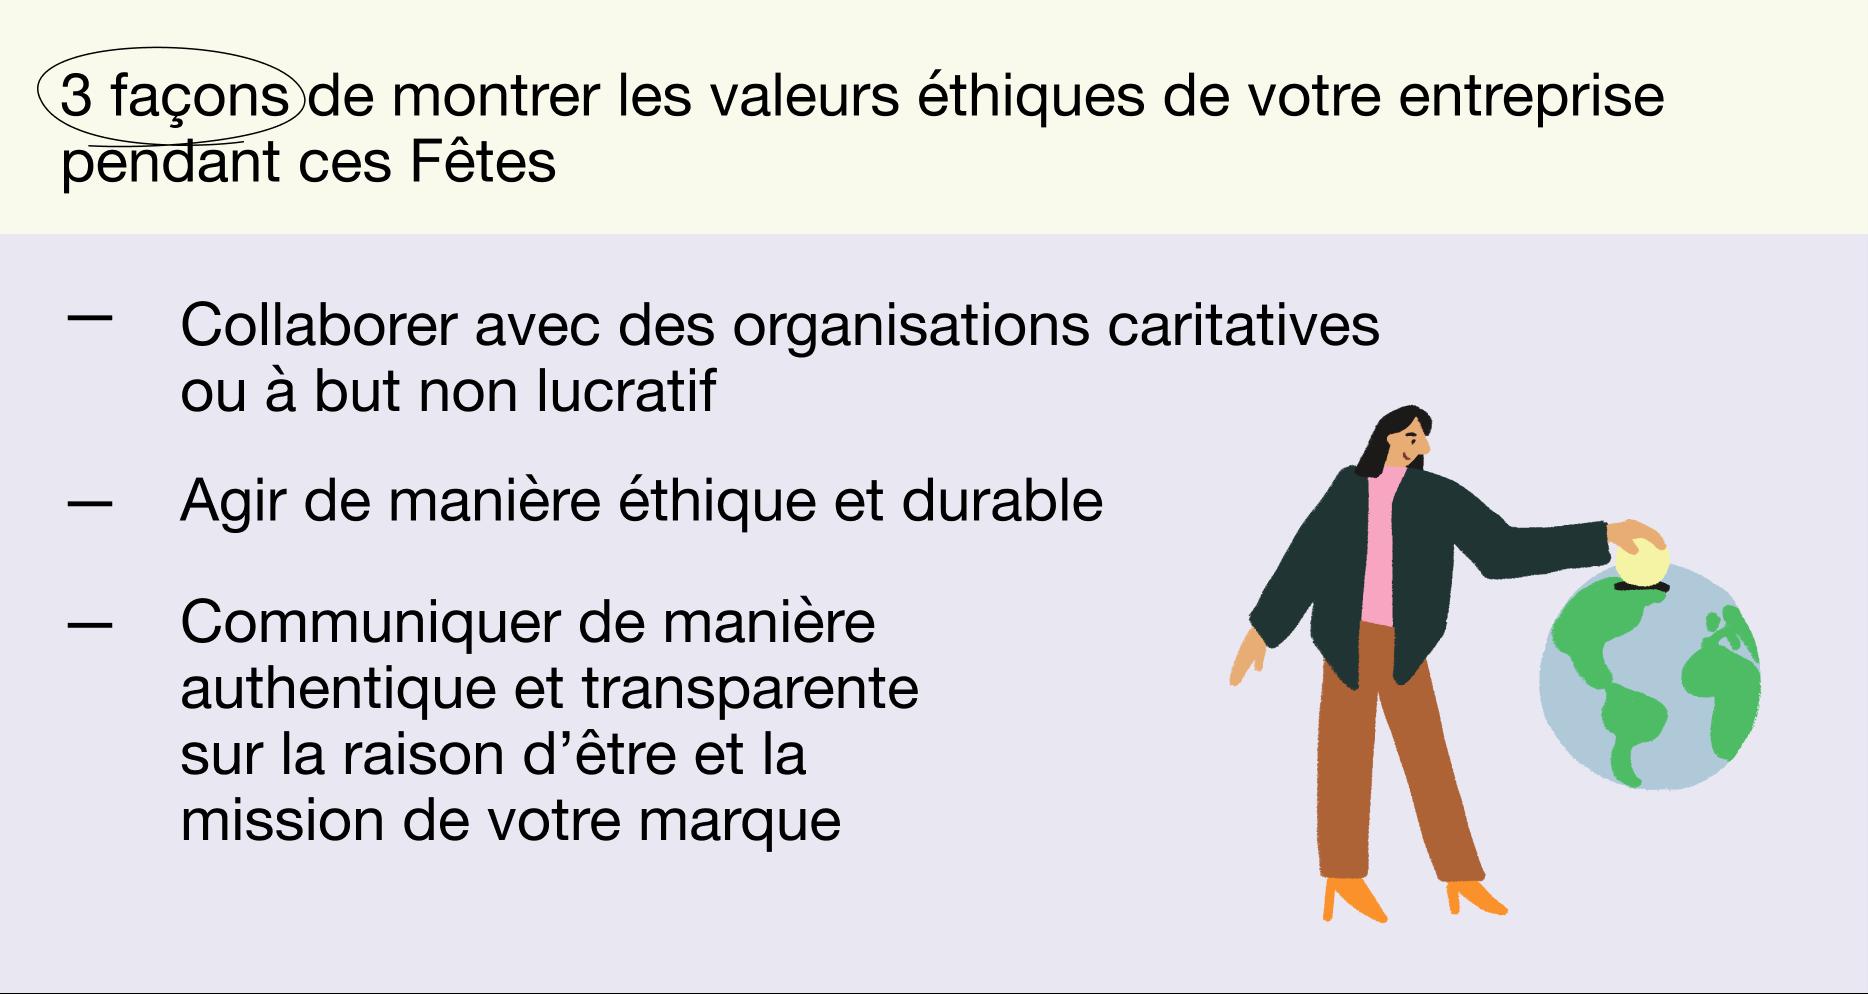 FR - Holiday report 2021 - 3 façons de montrer les valeurs éthiques de votre entreprise pendant ces Fêtes